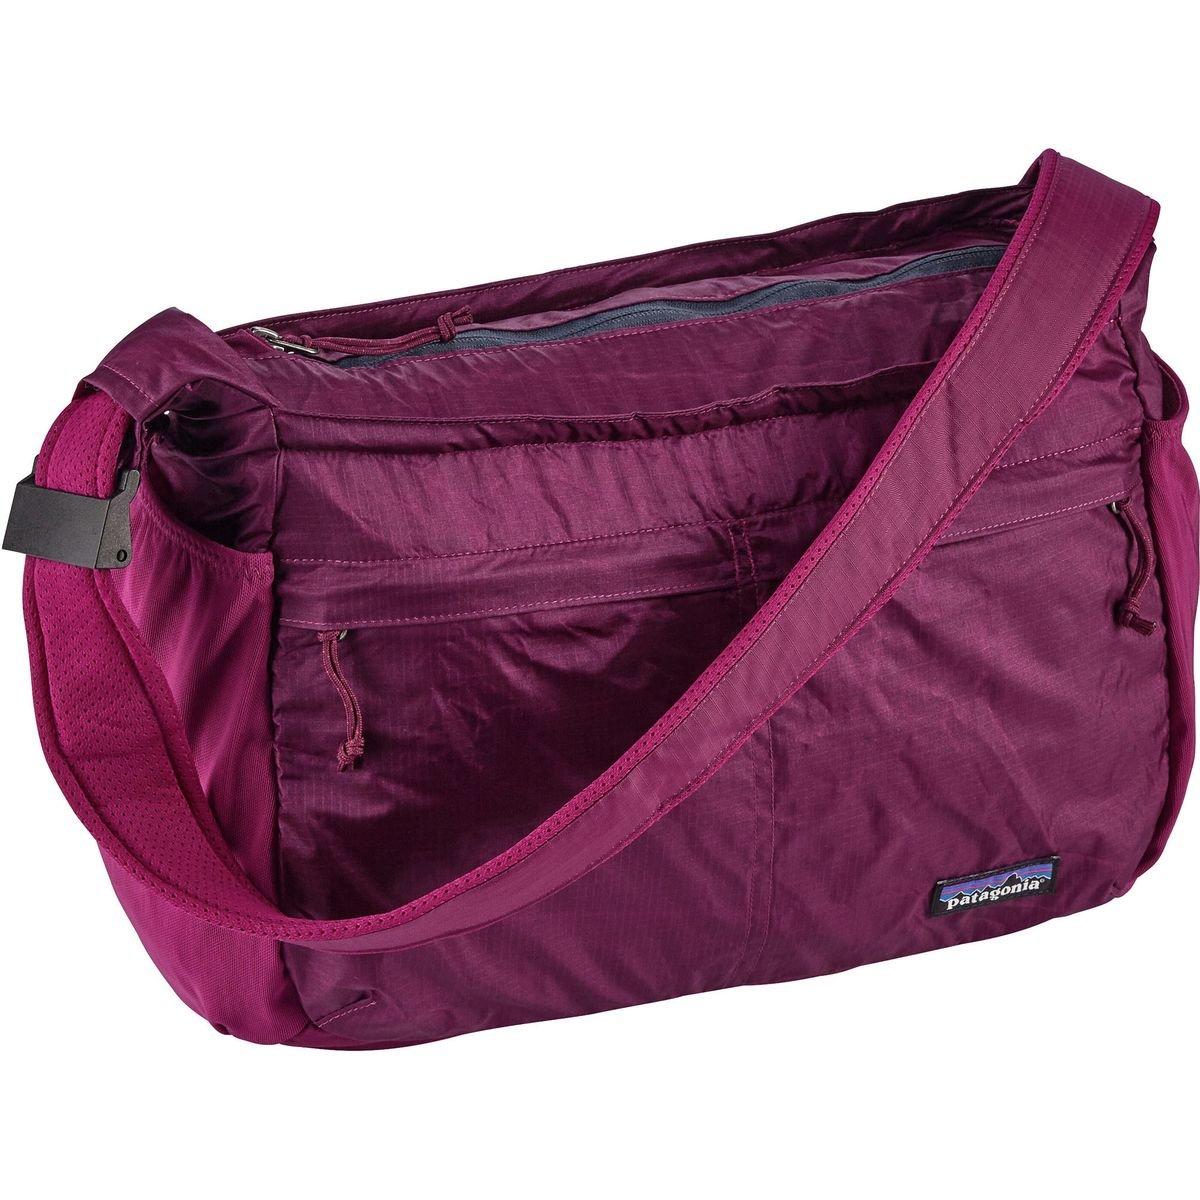 パタゴニア バッグ バックパックリュックサック Lightweight Travel 15L Courier Bag Magenta 4wy [並行輸入品]   B076BZWRZJ